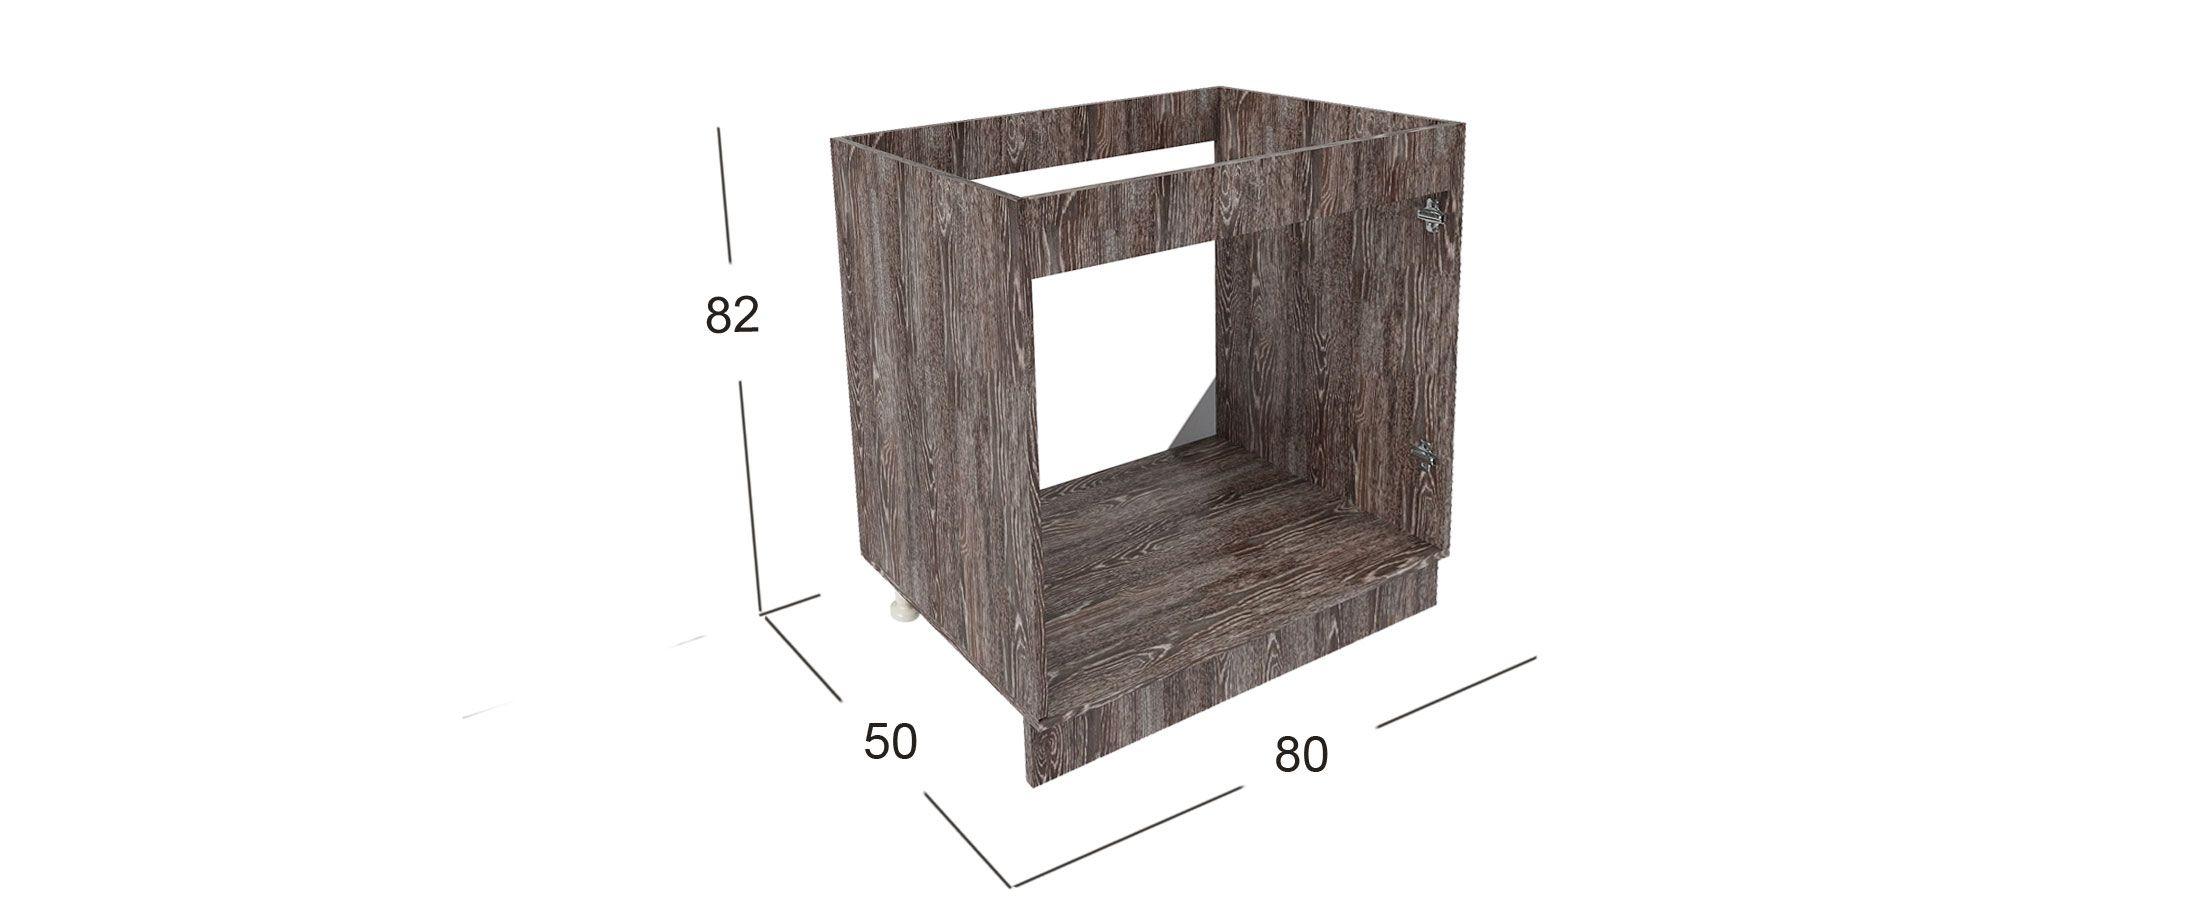 Кухня Марсела лайм 2,2 мКупить удобный и практичный набор кухонного гарнитура в интернет магазине MOON TRADE. Быстрая доставка, вынос упаковки, гарантия! Выгодная покупка!<br><br>Ширина см: 220<br>Глубина см: 60<br>Высота см: 82<br>Материал столешницы: ЛДСП с пленкой ПВХ<br>Материал корпуса: ЛДСП<br>Тип направляющих: Роликовые<br>Цвет корпуса: Дуб Марсела<br>Цвет столешницы: Асфальт белый<br>Цвет фасада: Лайм, Дуб Марсела<br>Материал фасада: ЛДСП